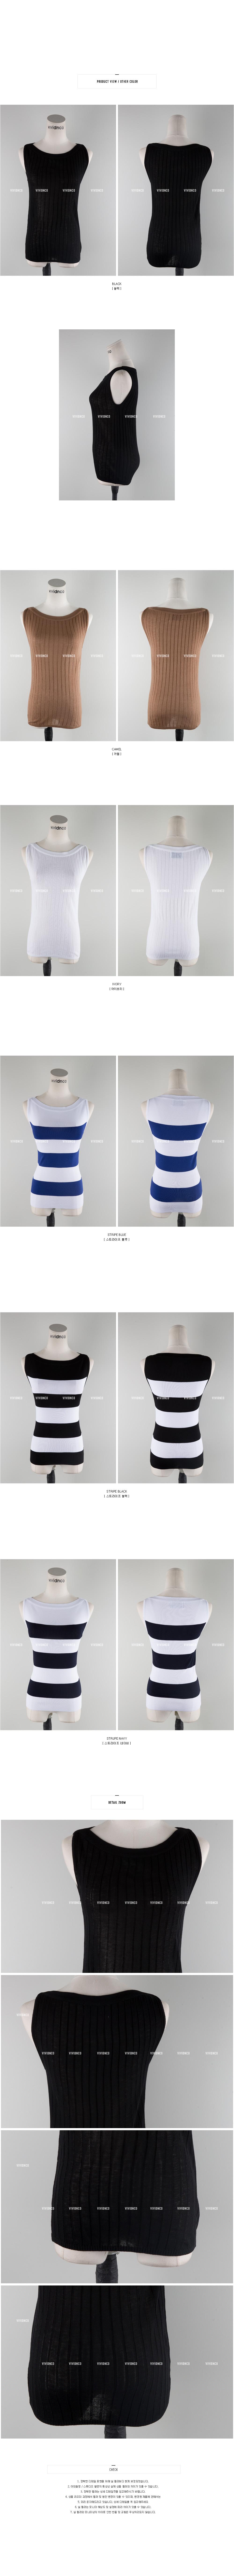 [ VIVIDNCO ] When the pre-basic sleeveless